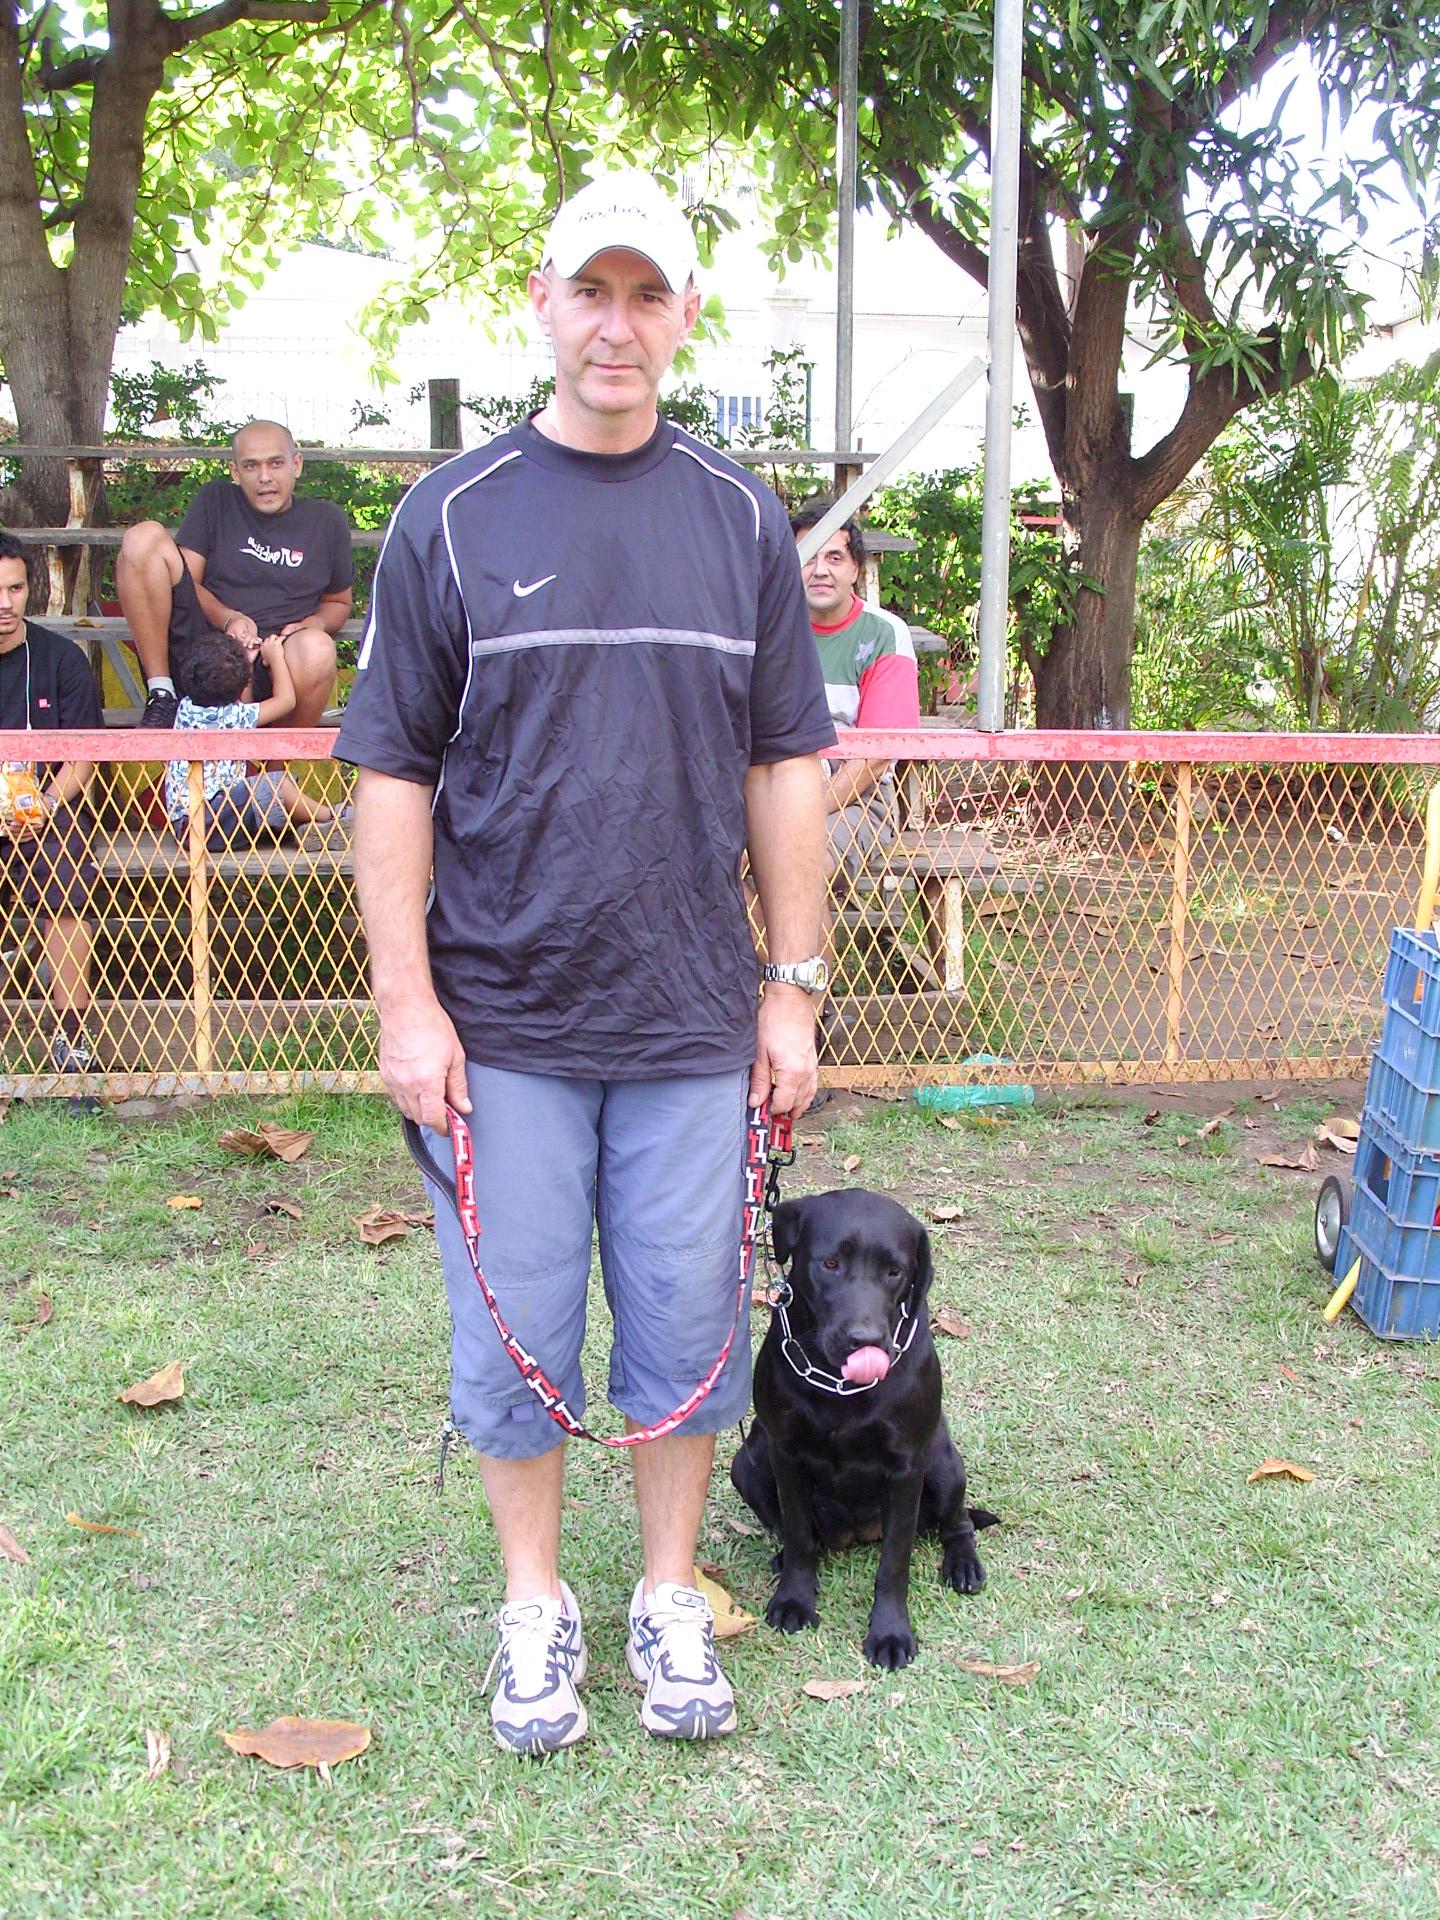 Club d'閐ucation canine de Saint Paul ( CECSP) - L'équipe d